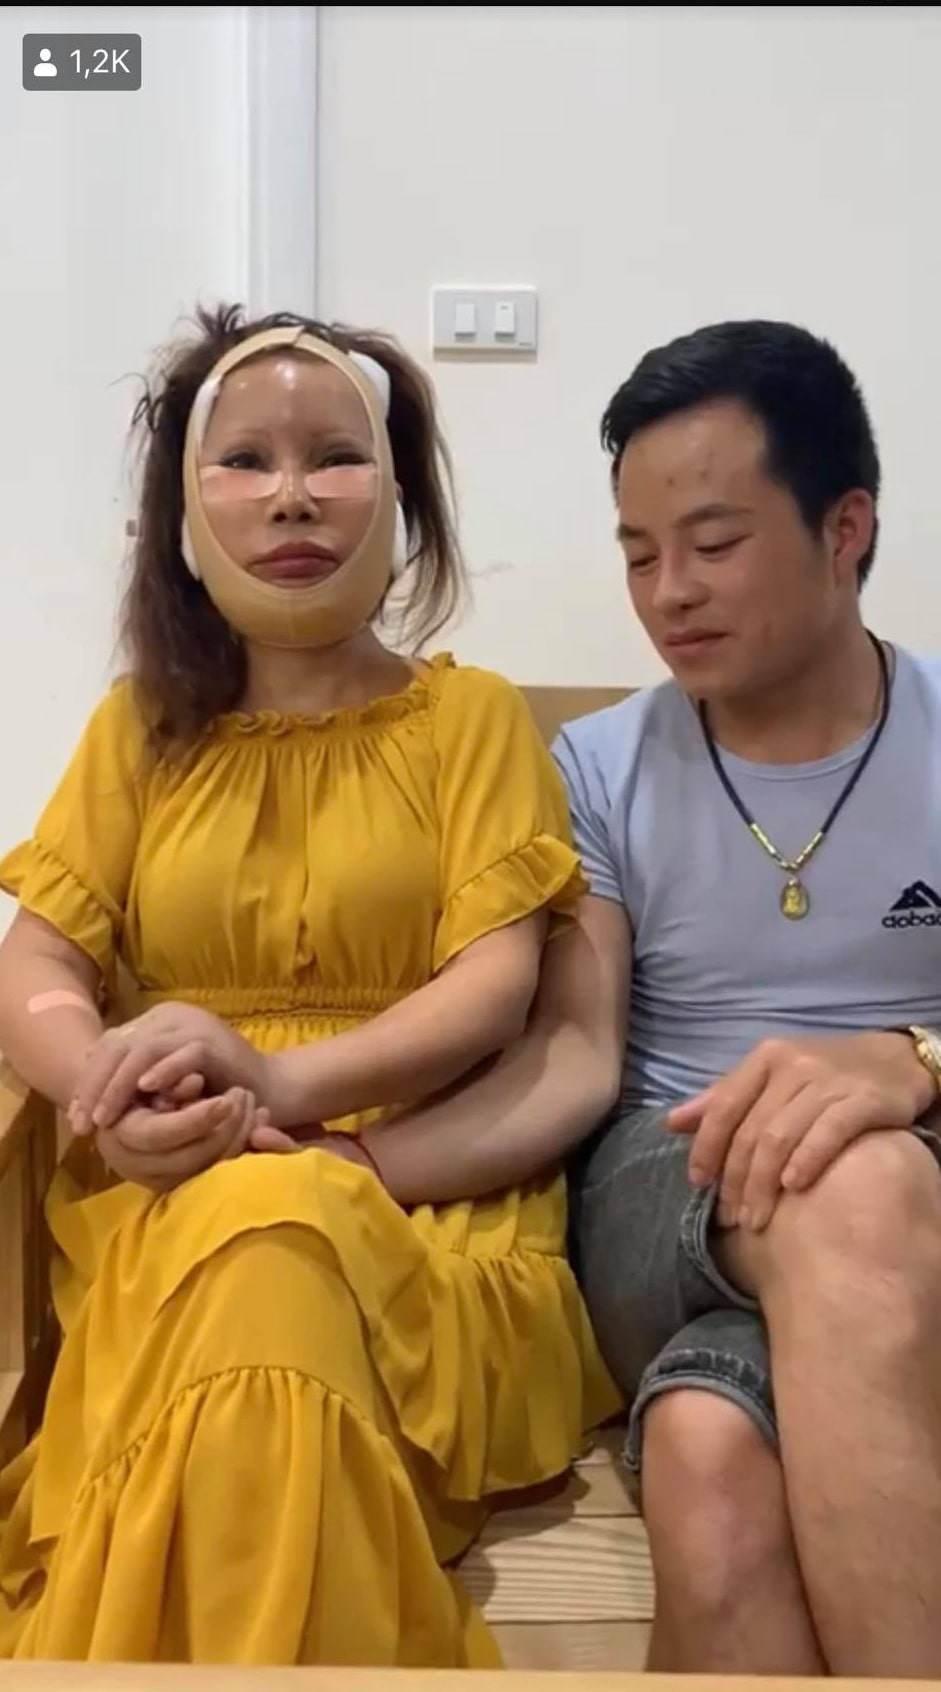 """""""Cố đấm ăn xôi"""" xứng đôi chồng trẻ, cô dâu 62 tuổi lại chi tiền khủng kéo căng da mặt 2"""